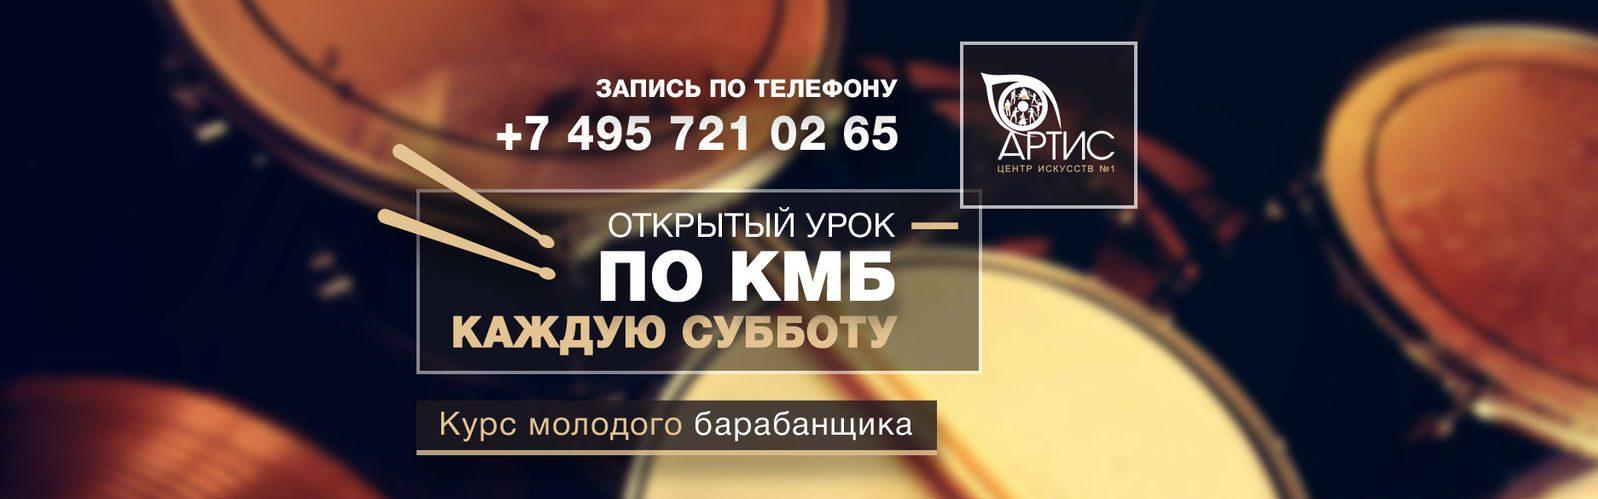 Уроки в Артис Москва